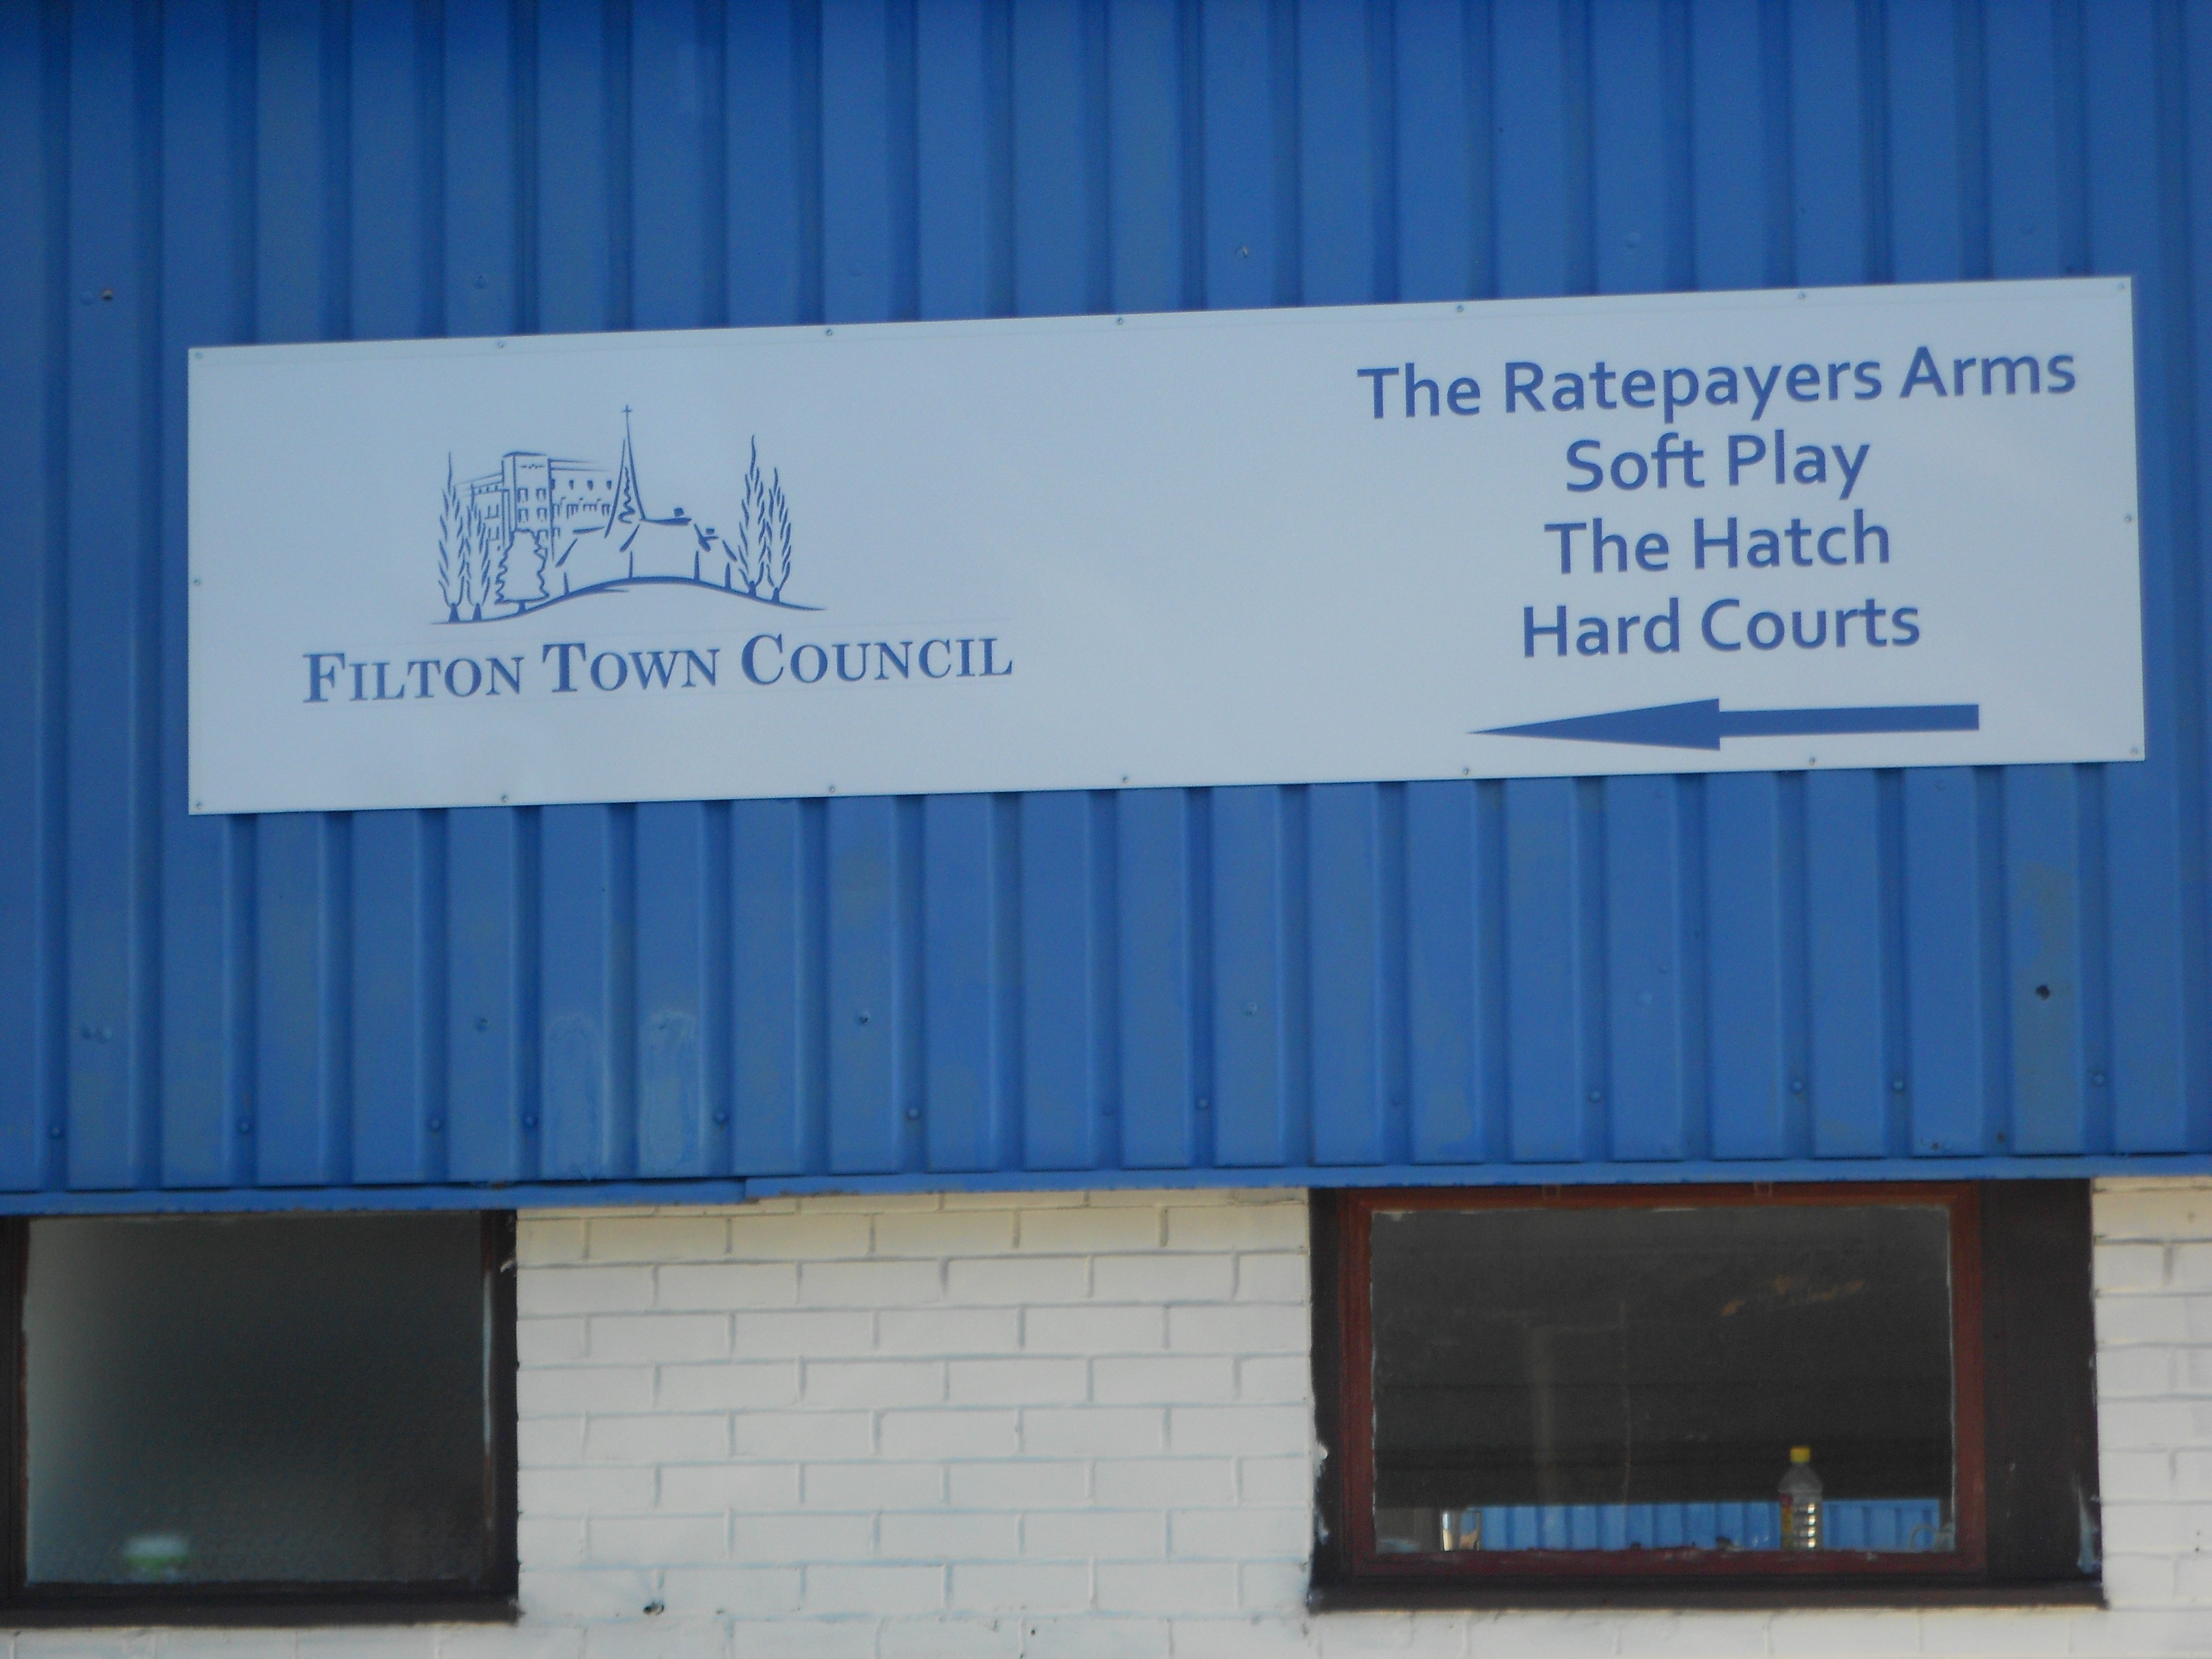 Filton Town Council